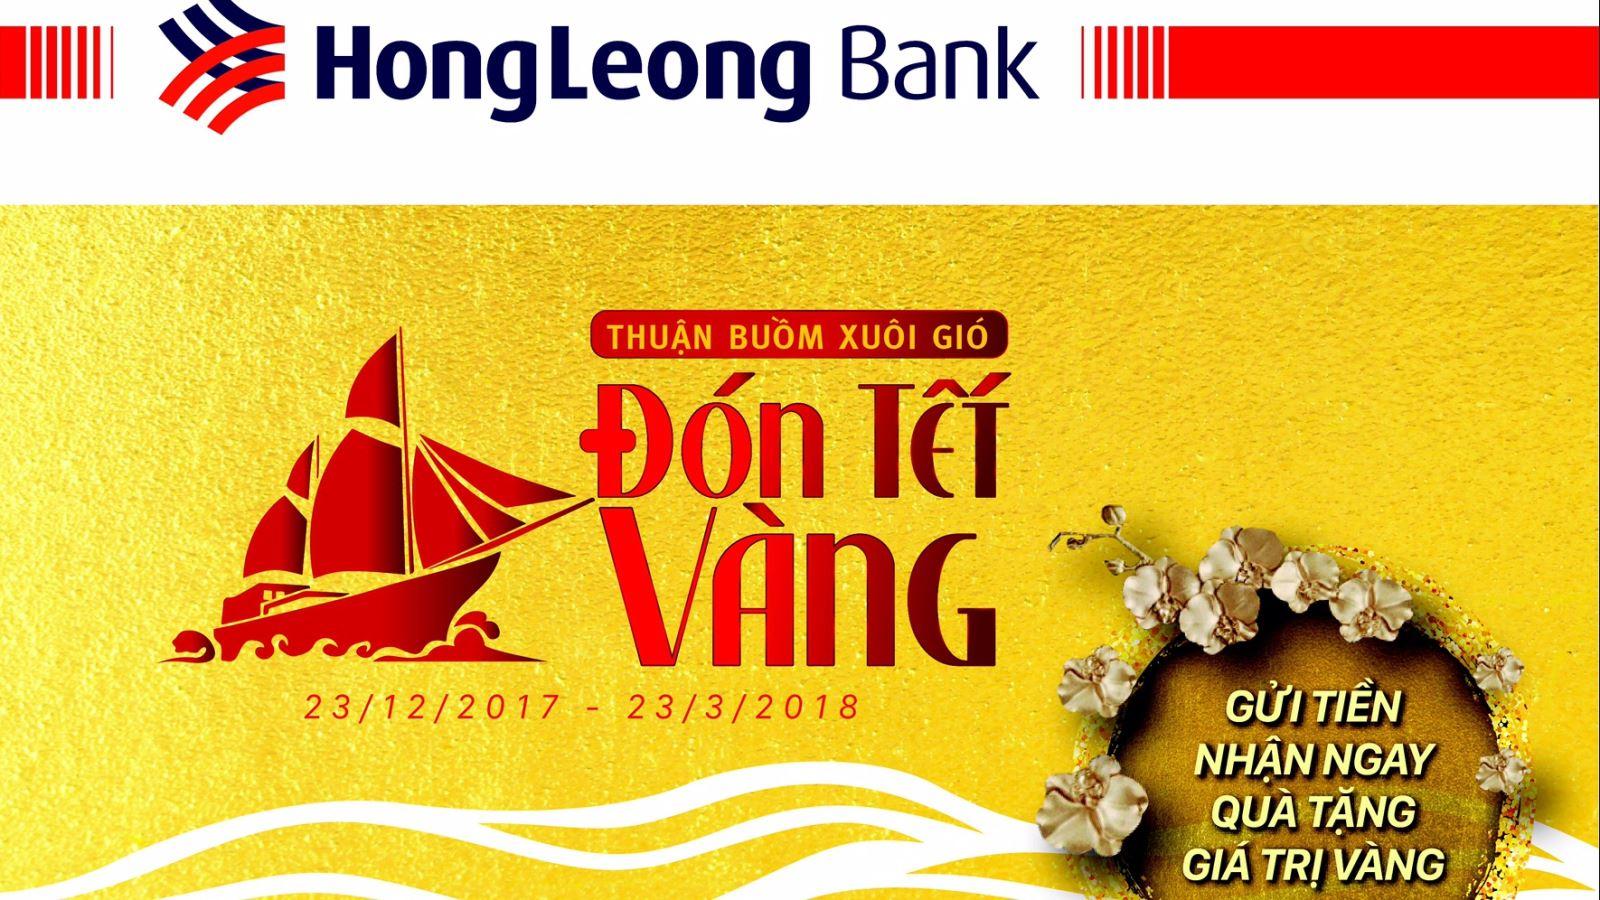 Gửi tiền tiết kiệm nhận quà giá trị vàng cùng Hong Leong Việt Nam